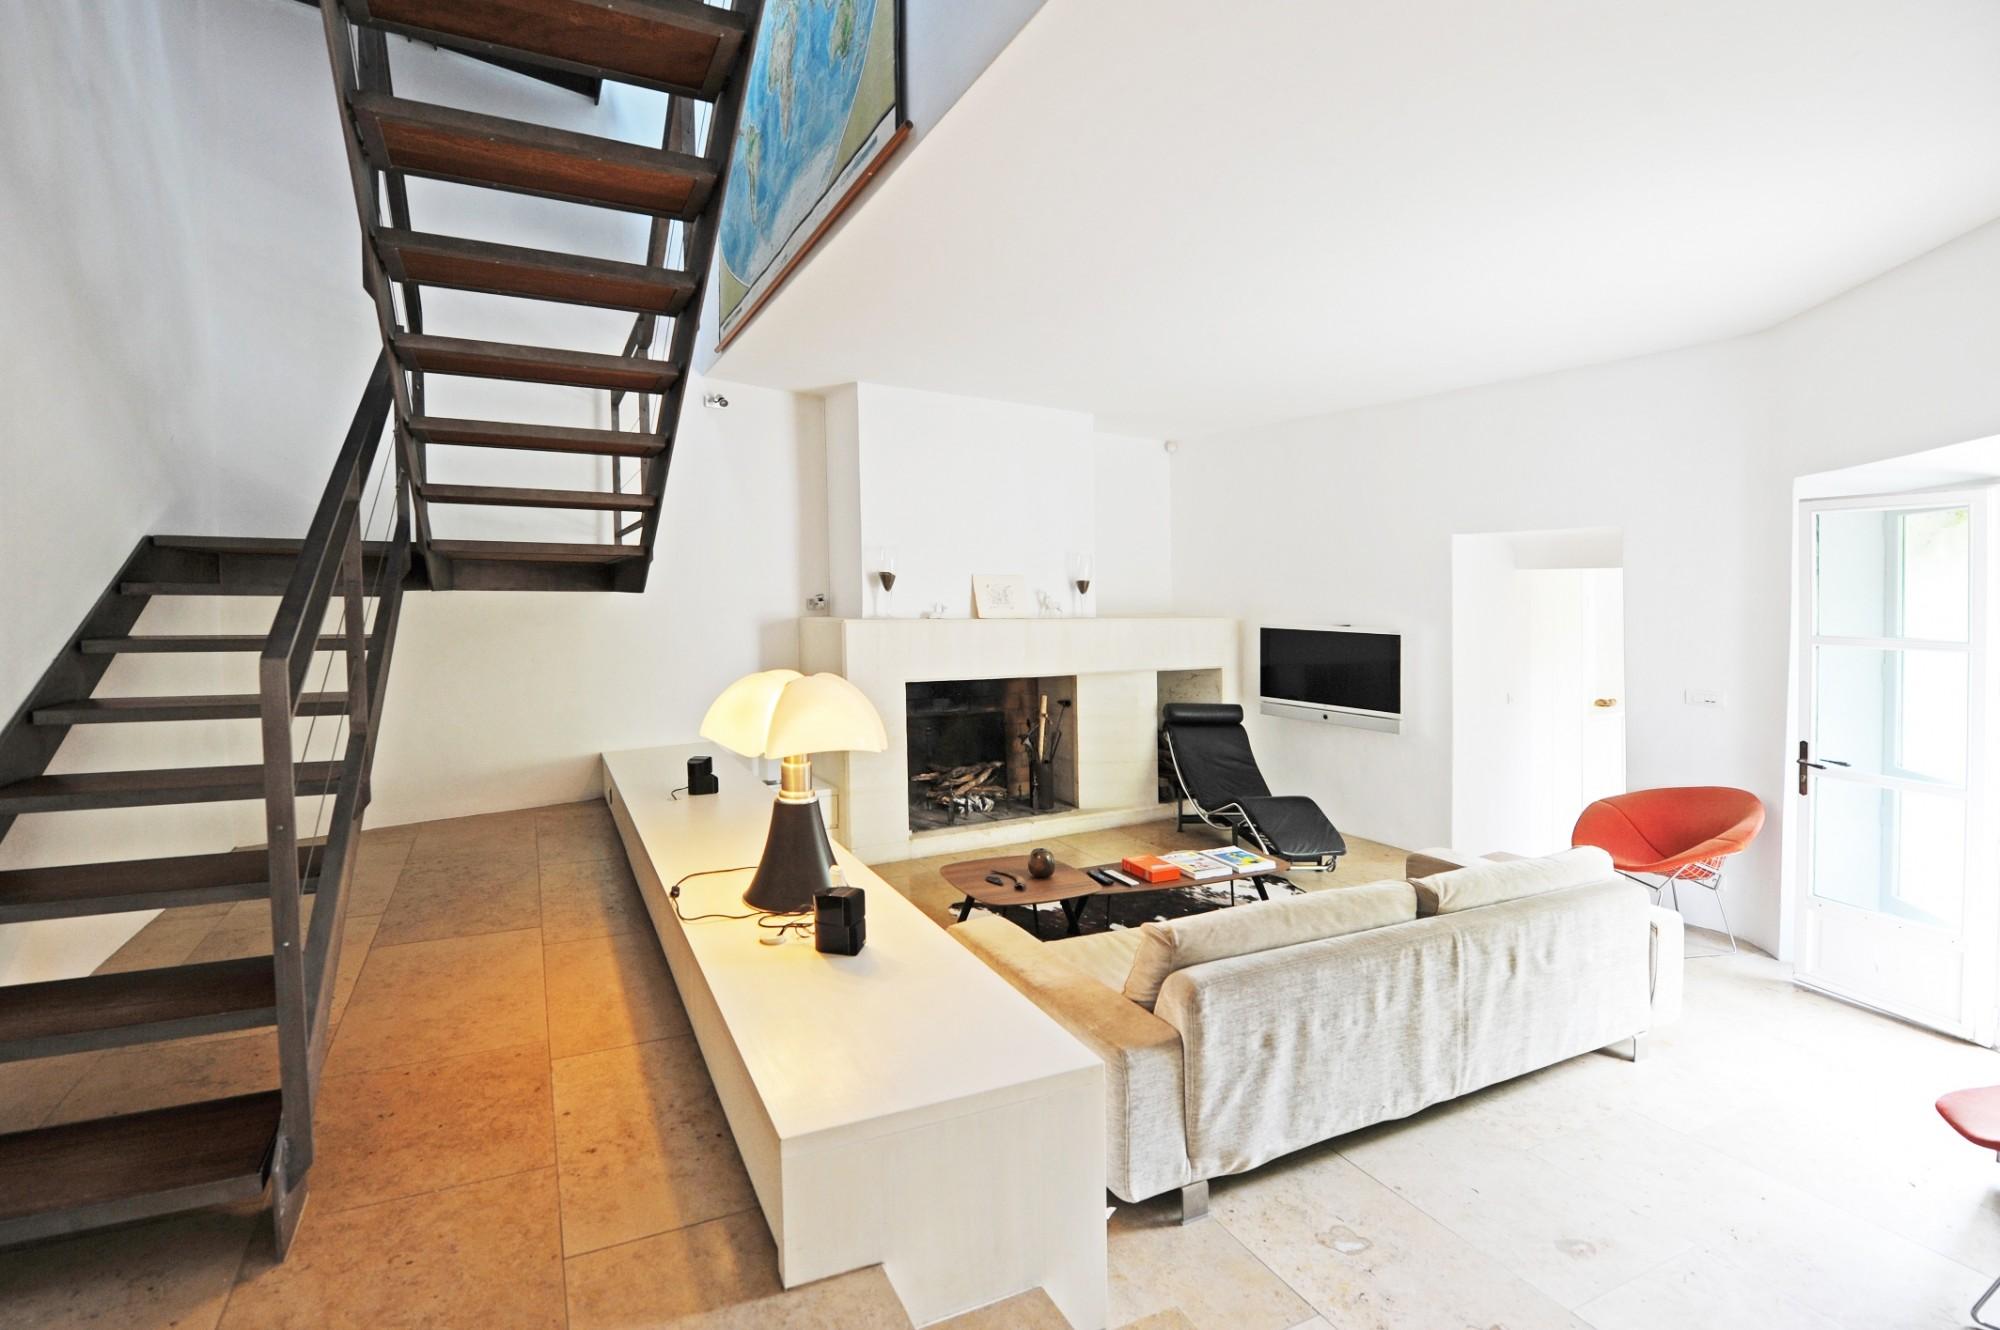 interior design iron staicase